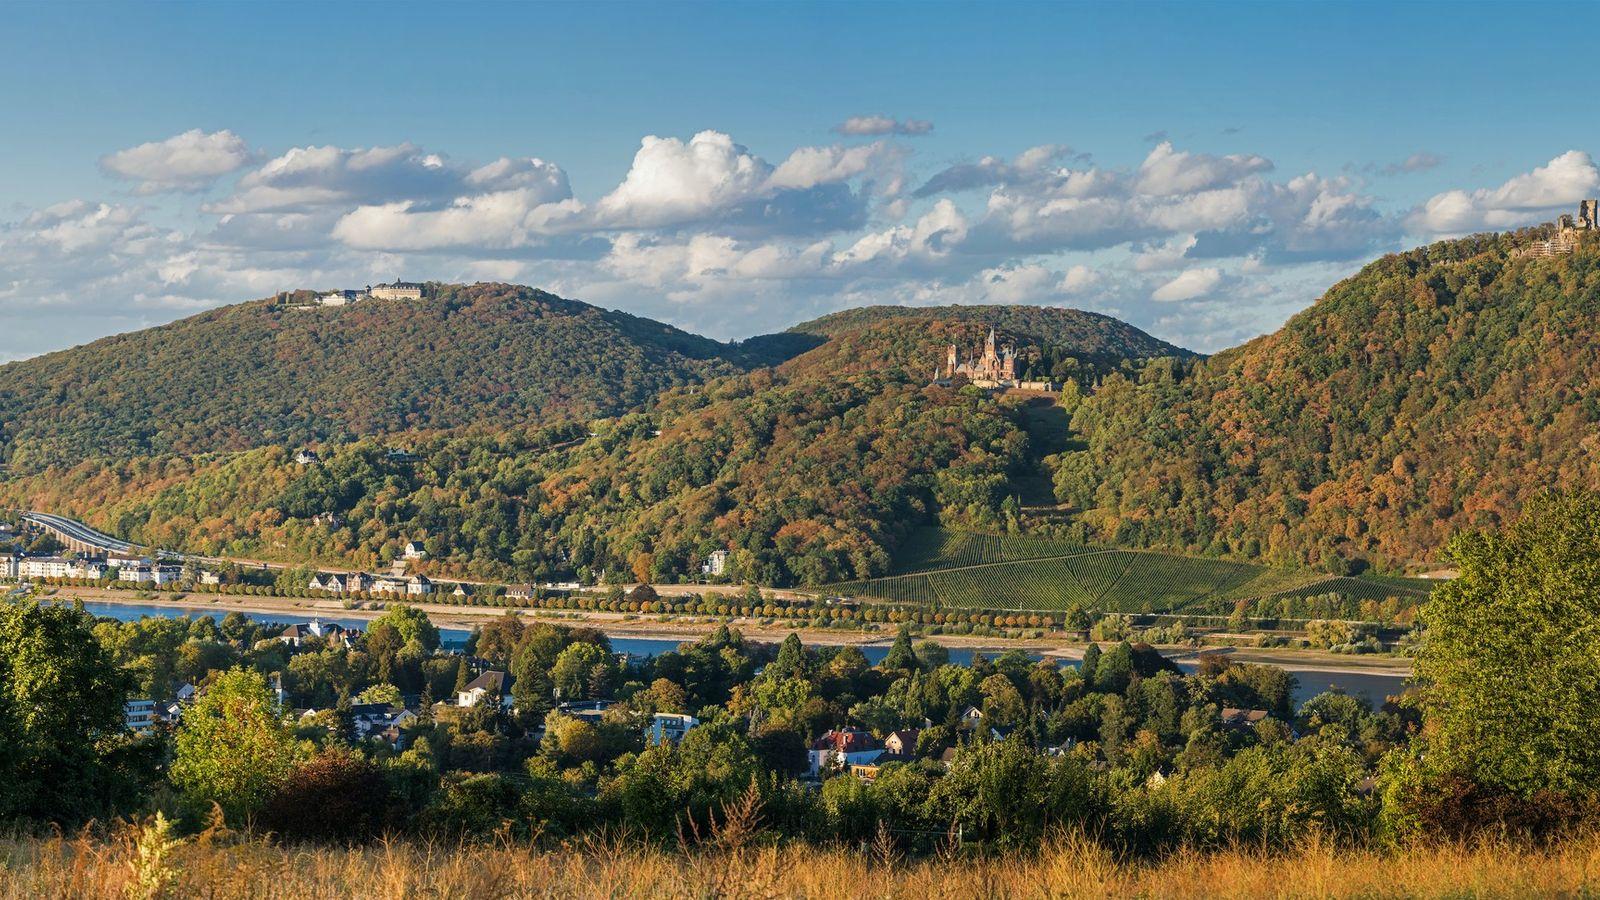 Sagenhaftes Siebengebirge: Um die bewaldeten Hügel am Rhein ranken sich viele Legenden und Sagen.